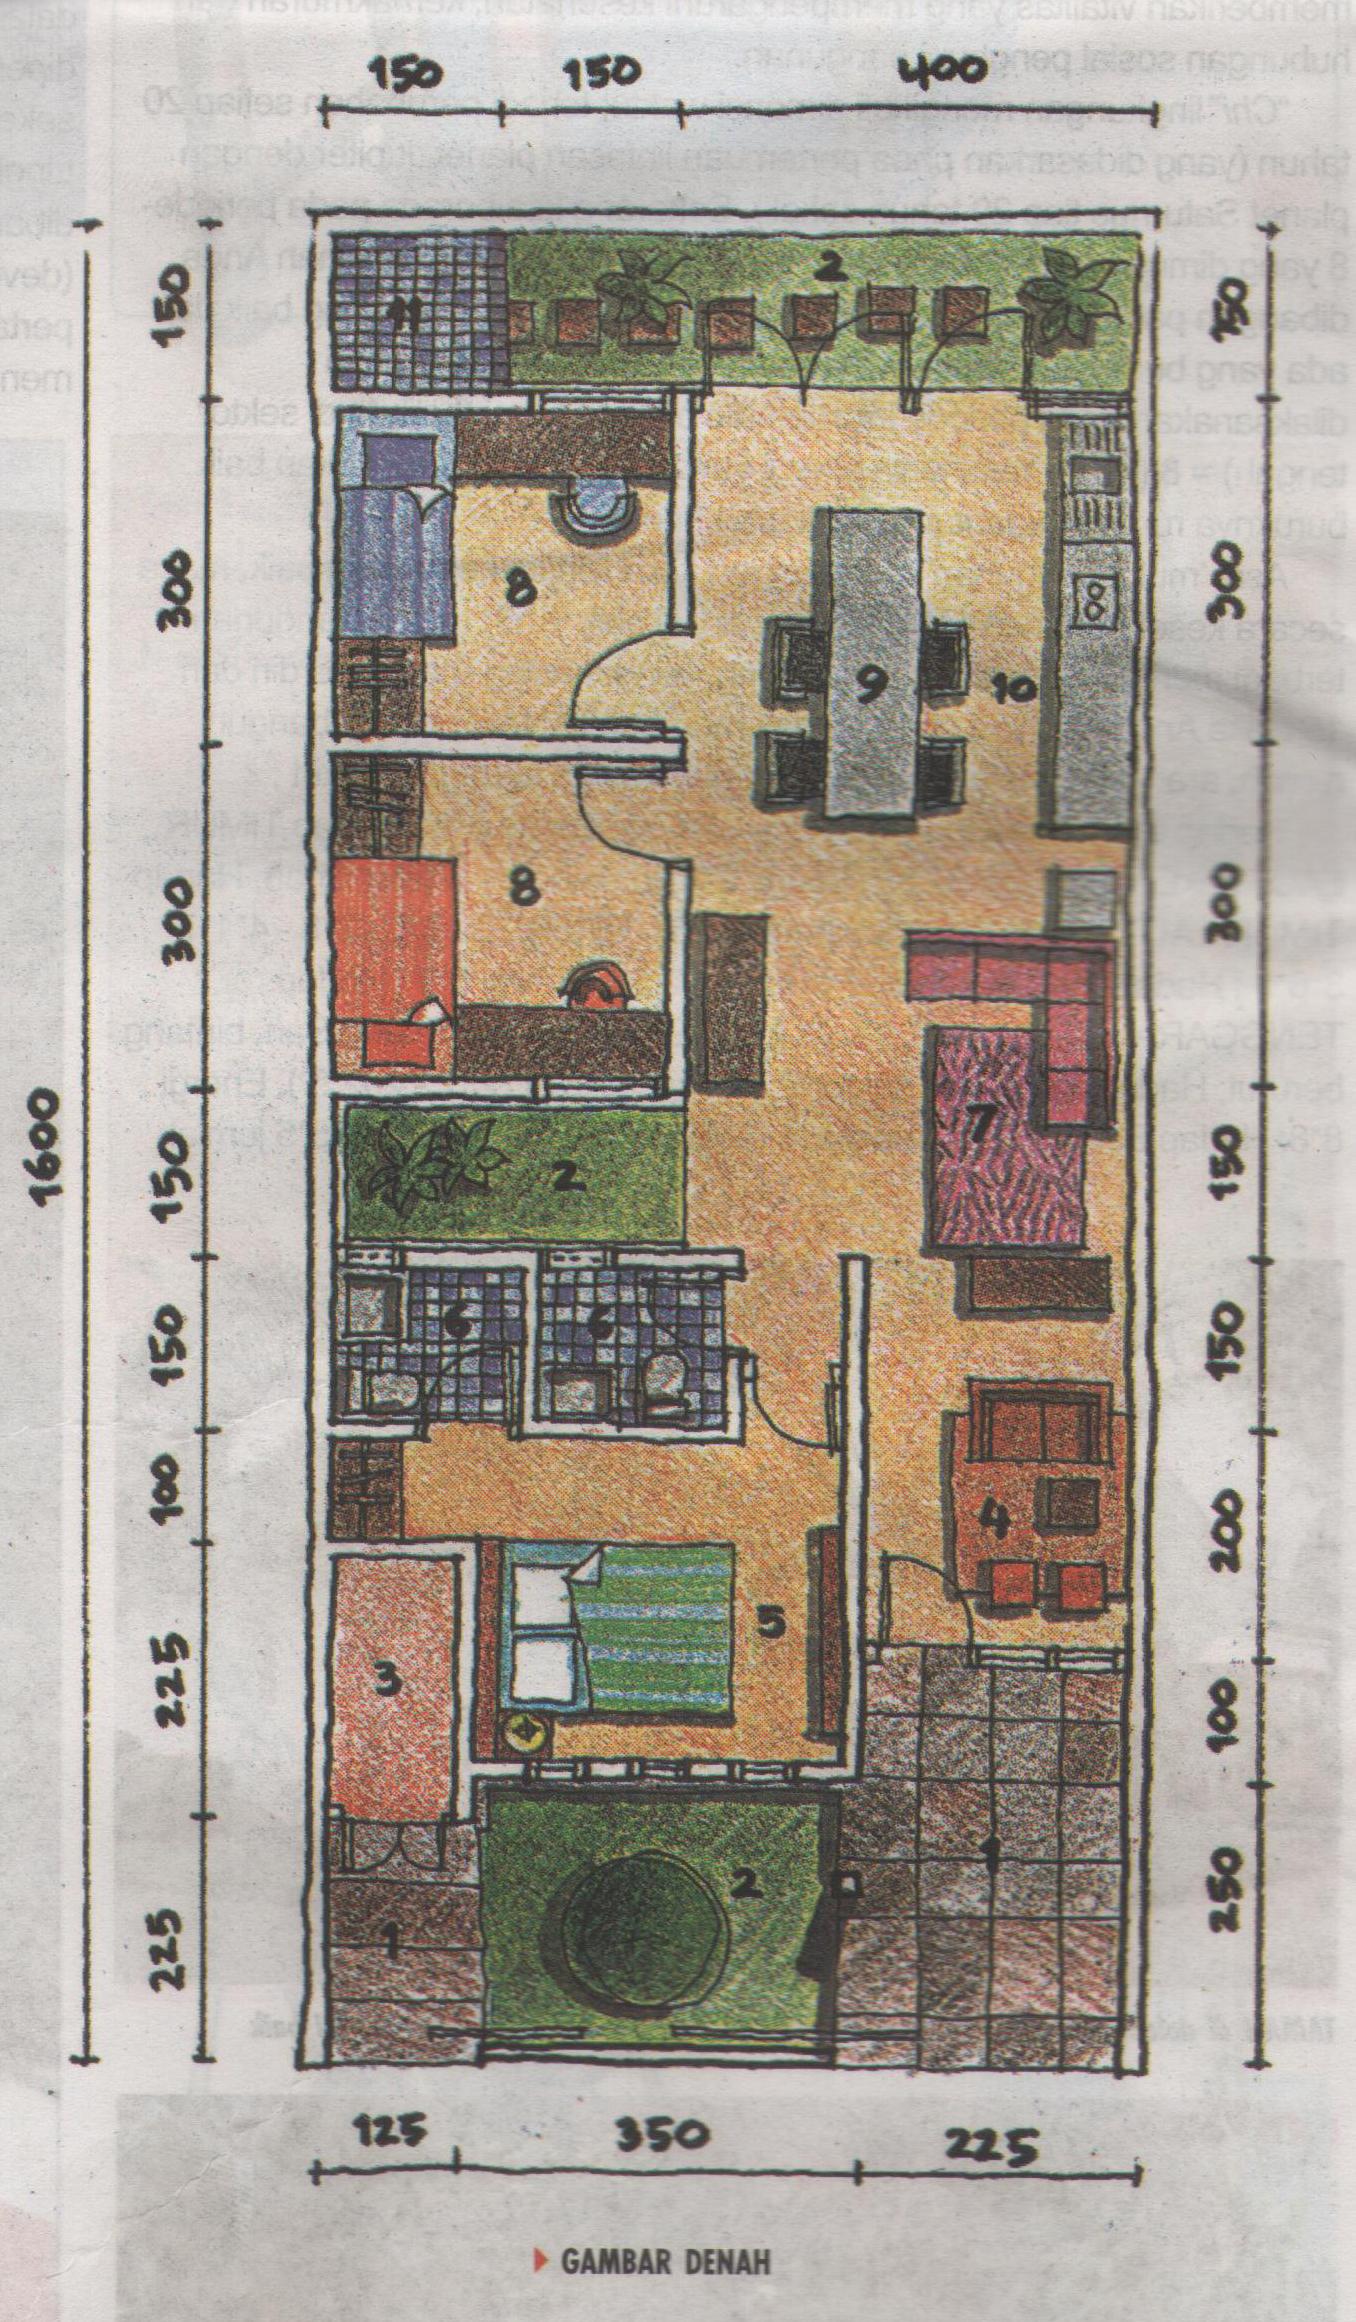 koleksi gambar dan photo desain rumah denah rumah share